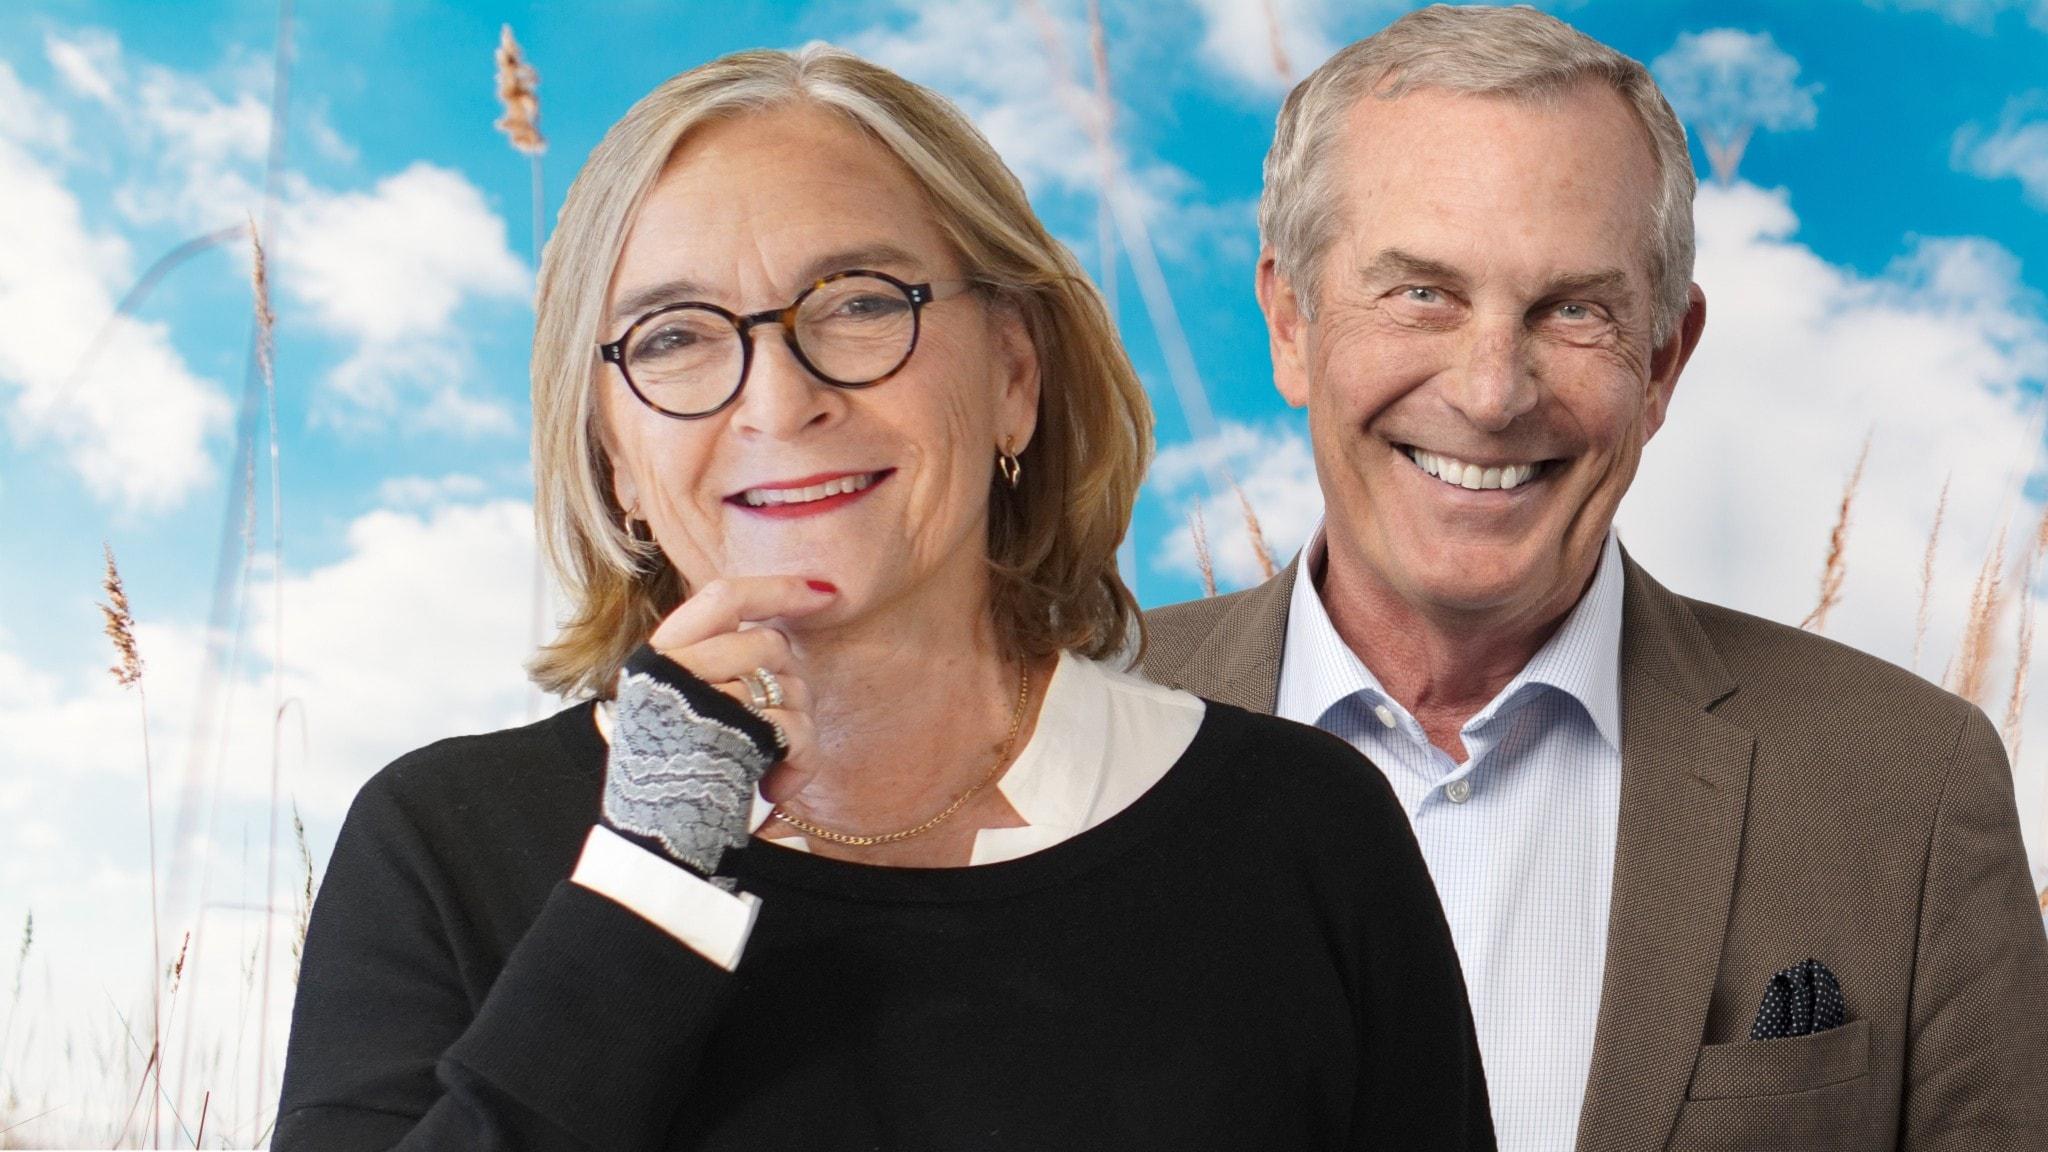 Varför är Sverige så fantastiskt bra på sport? Sommartalkshow med Helene Benno och Claes Elfsberg